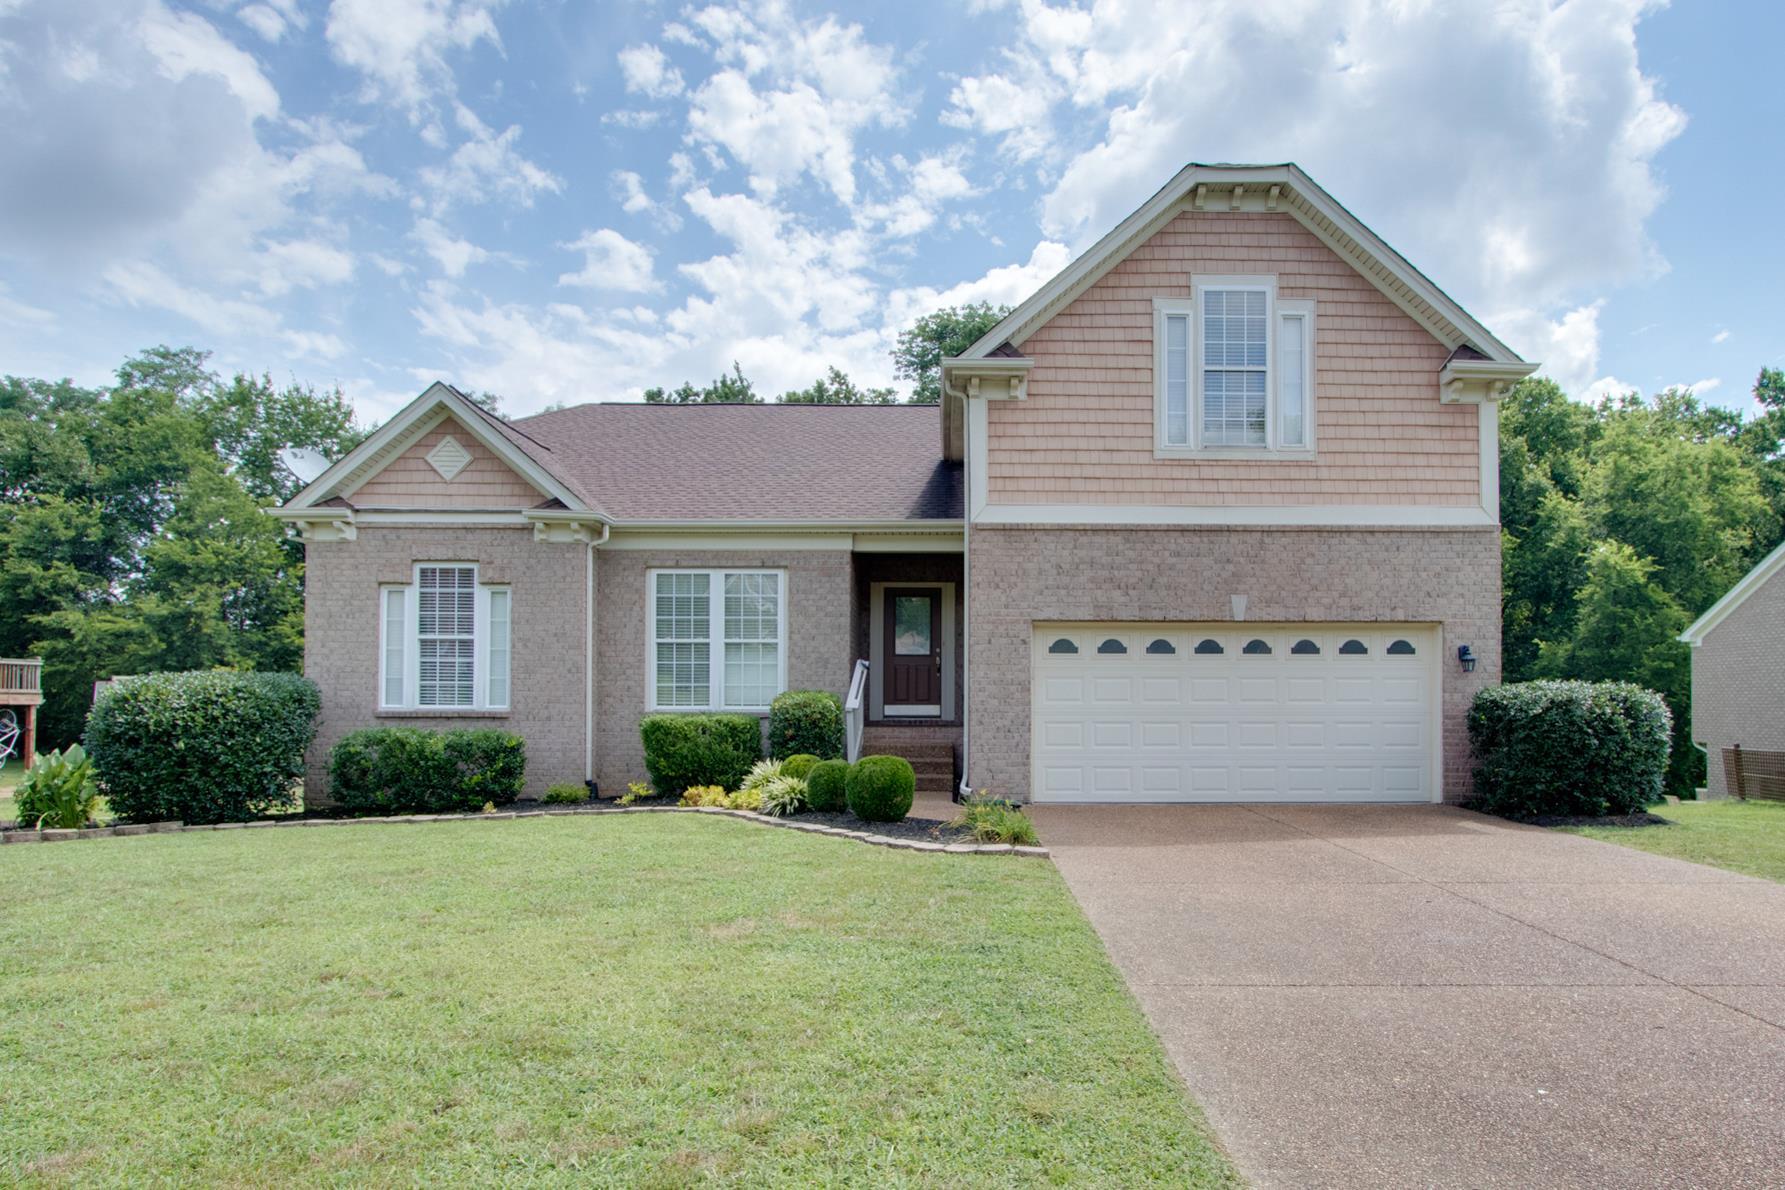 1637 Allendale Dr, Nolensville, TN 37135 - Nolensville, TN real estate listing